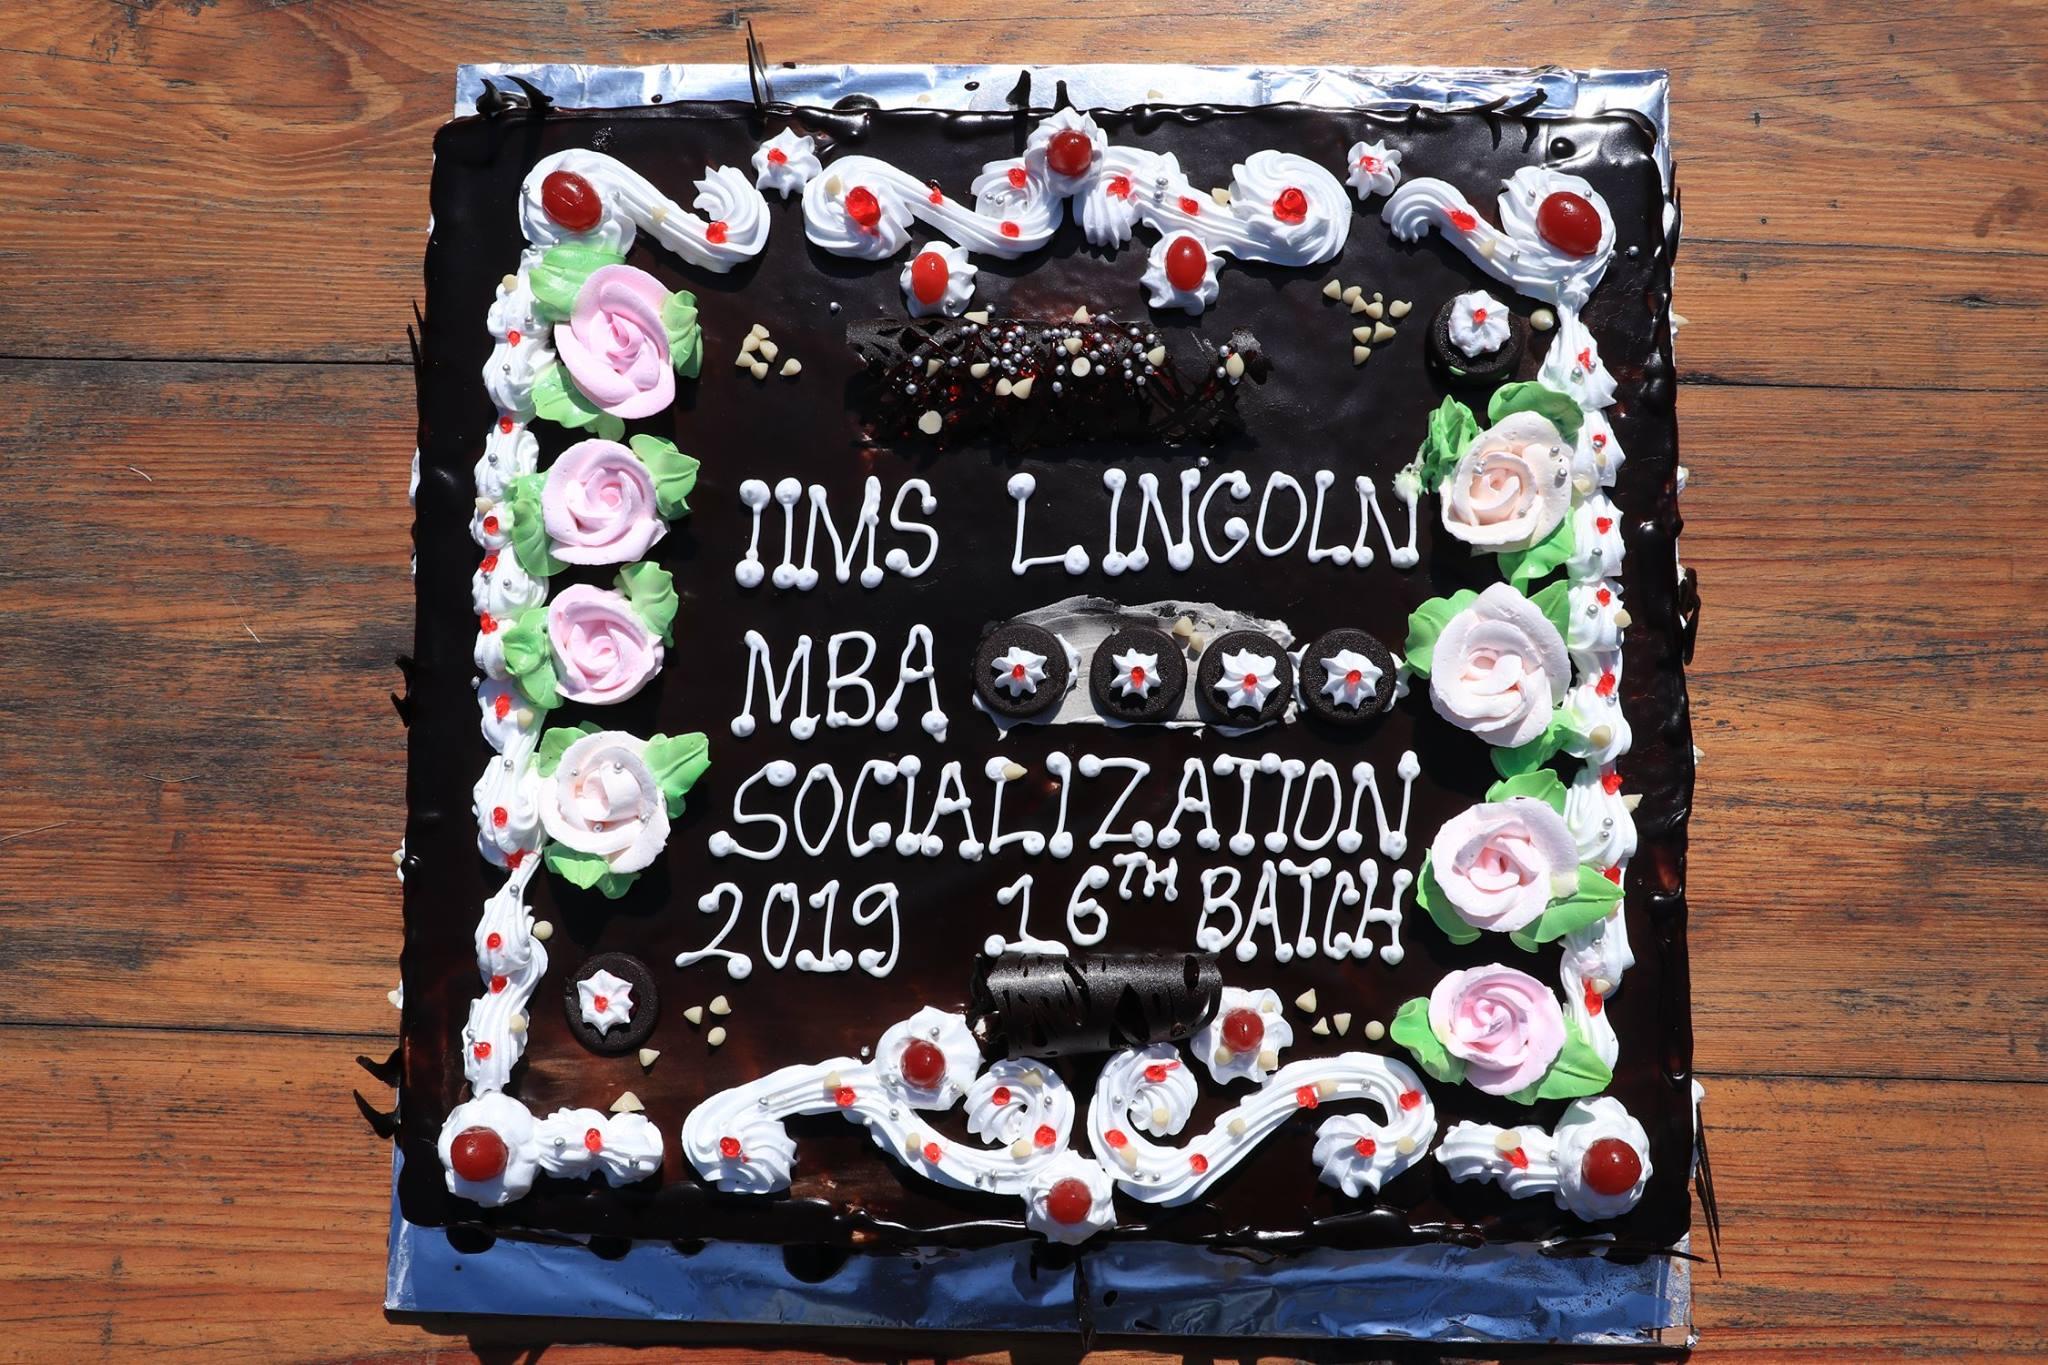 MBA Socialization Program 2019 March